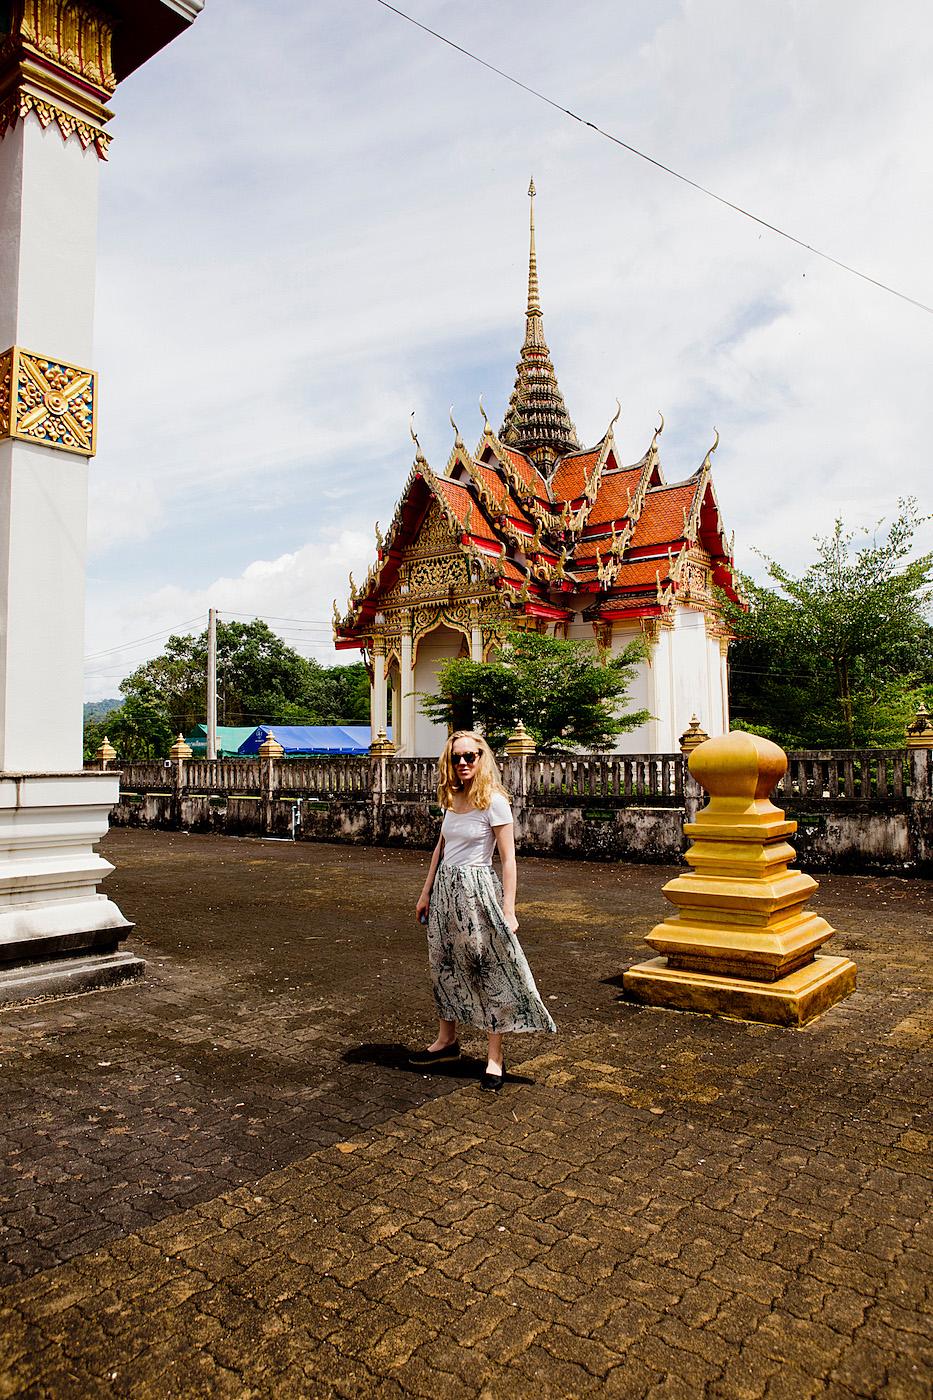 www.thegoldenbun.com |khao lak, eco tours phang nga, thailand without tourists, thailand ohne touristen